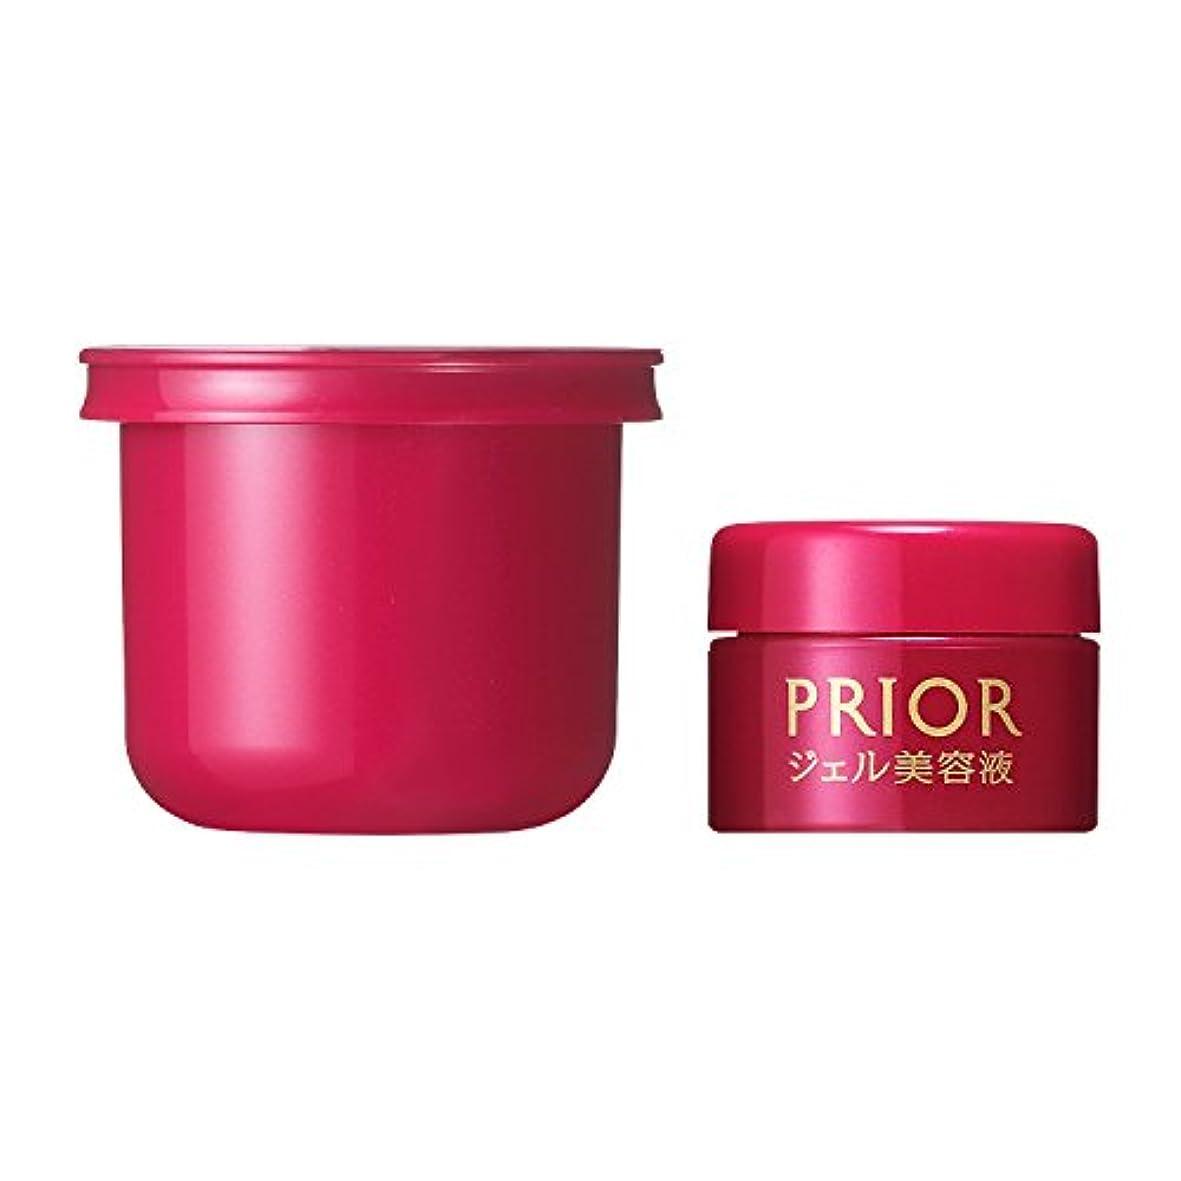 プリオール ジェル美容液 つけかえ用 限定セット a ミニサイズ付き 48g + 7g